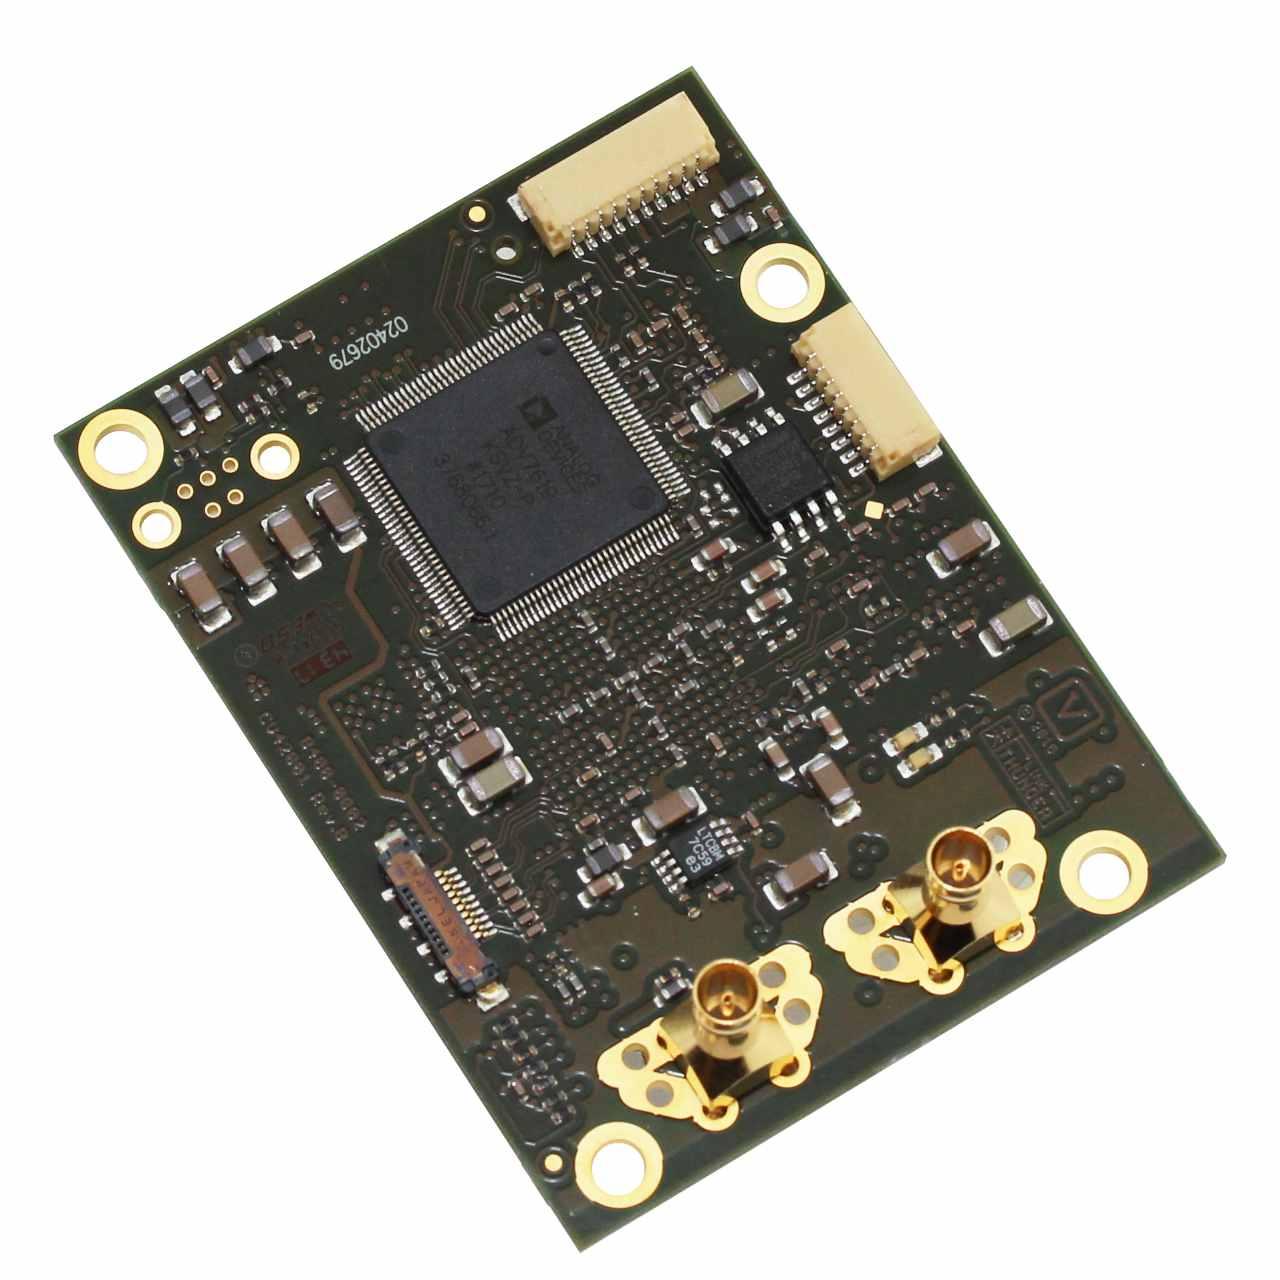 TL4K1161 | Dual Link 3 Gbps UHD-SDI